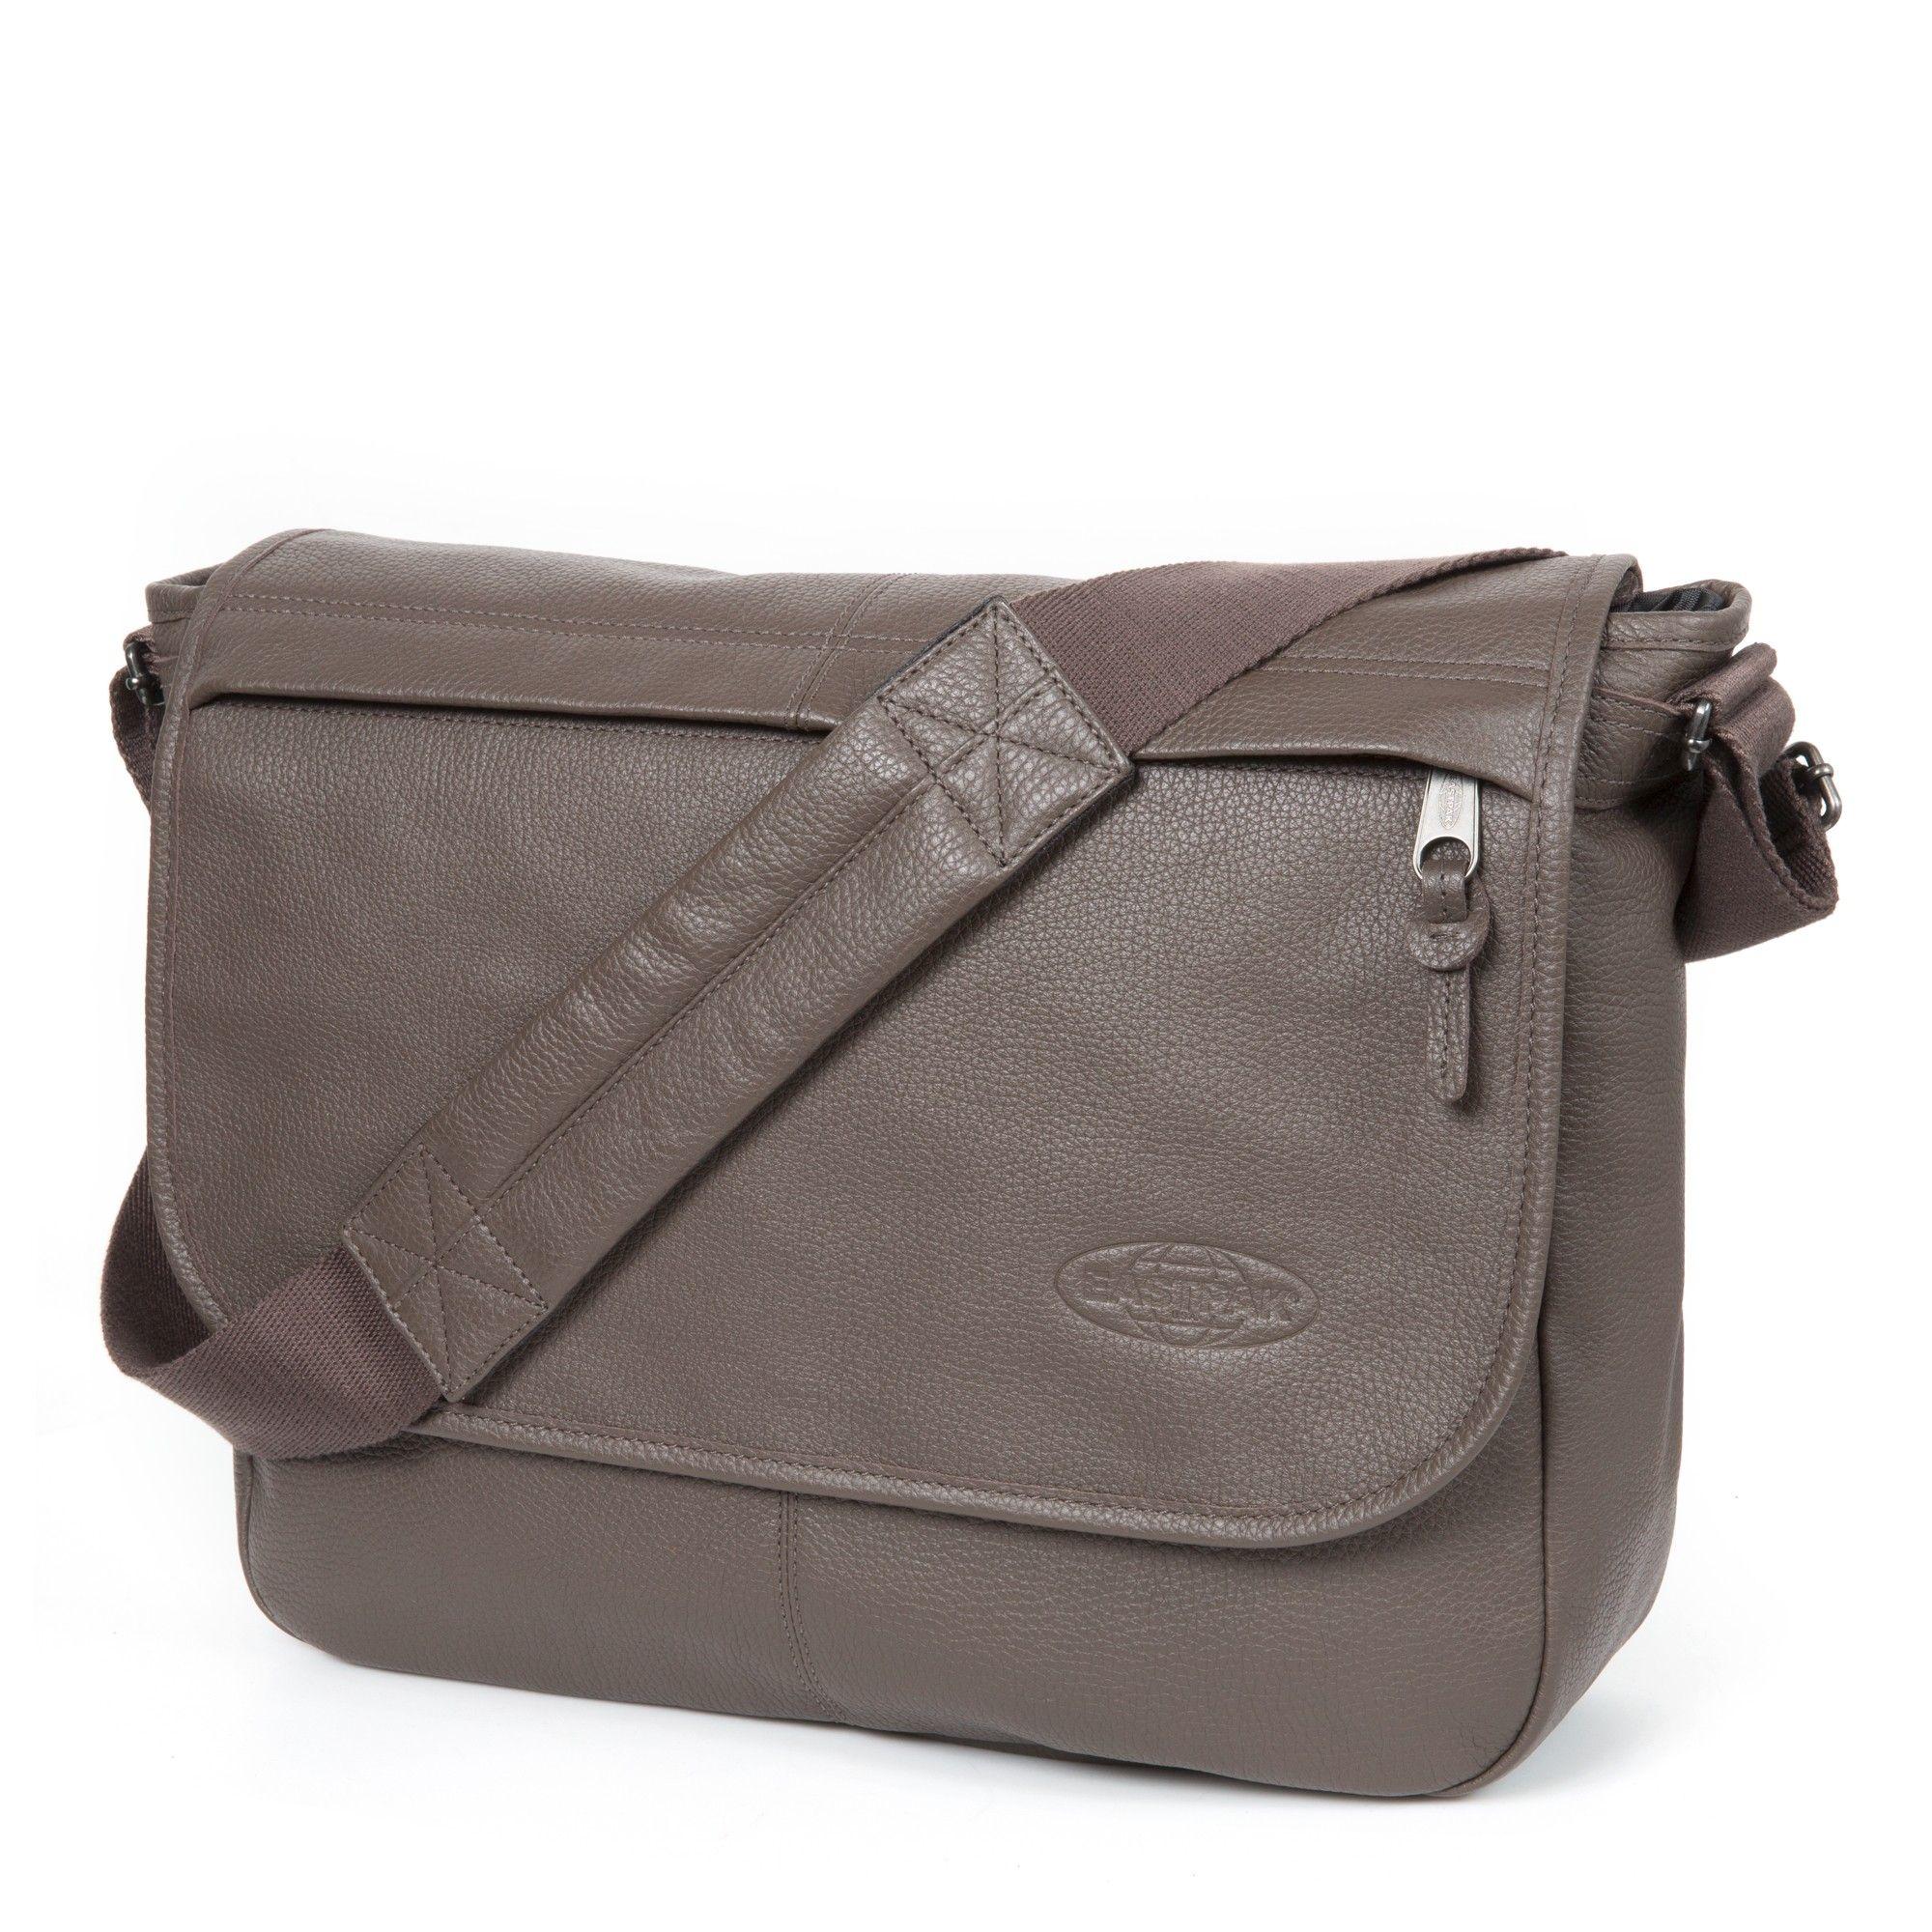 Sac besace Eastpak Delegate Leather en cuir Brown Pebble marron EcpCBLYmL